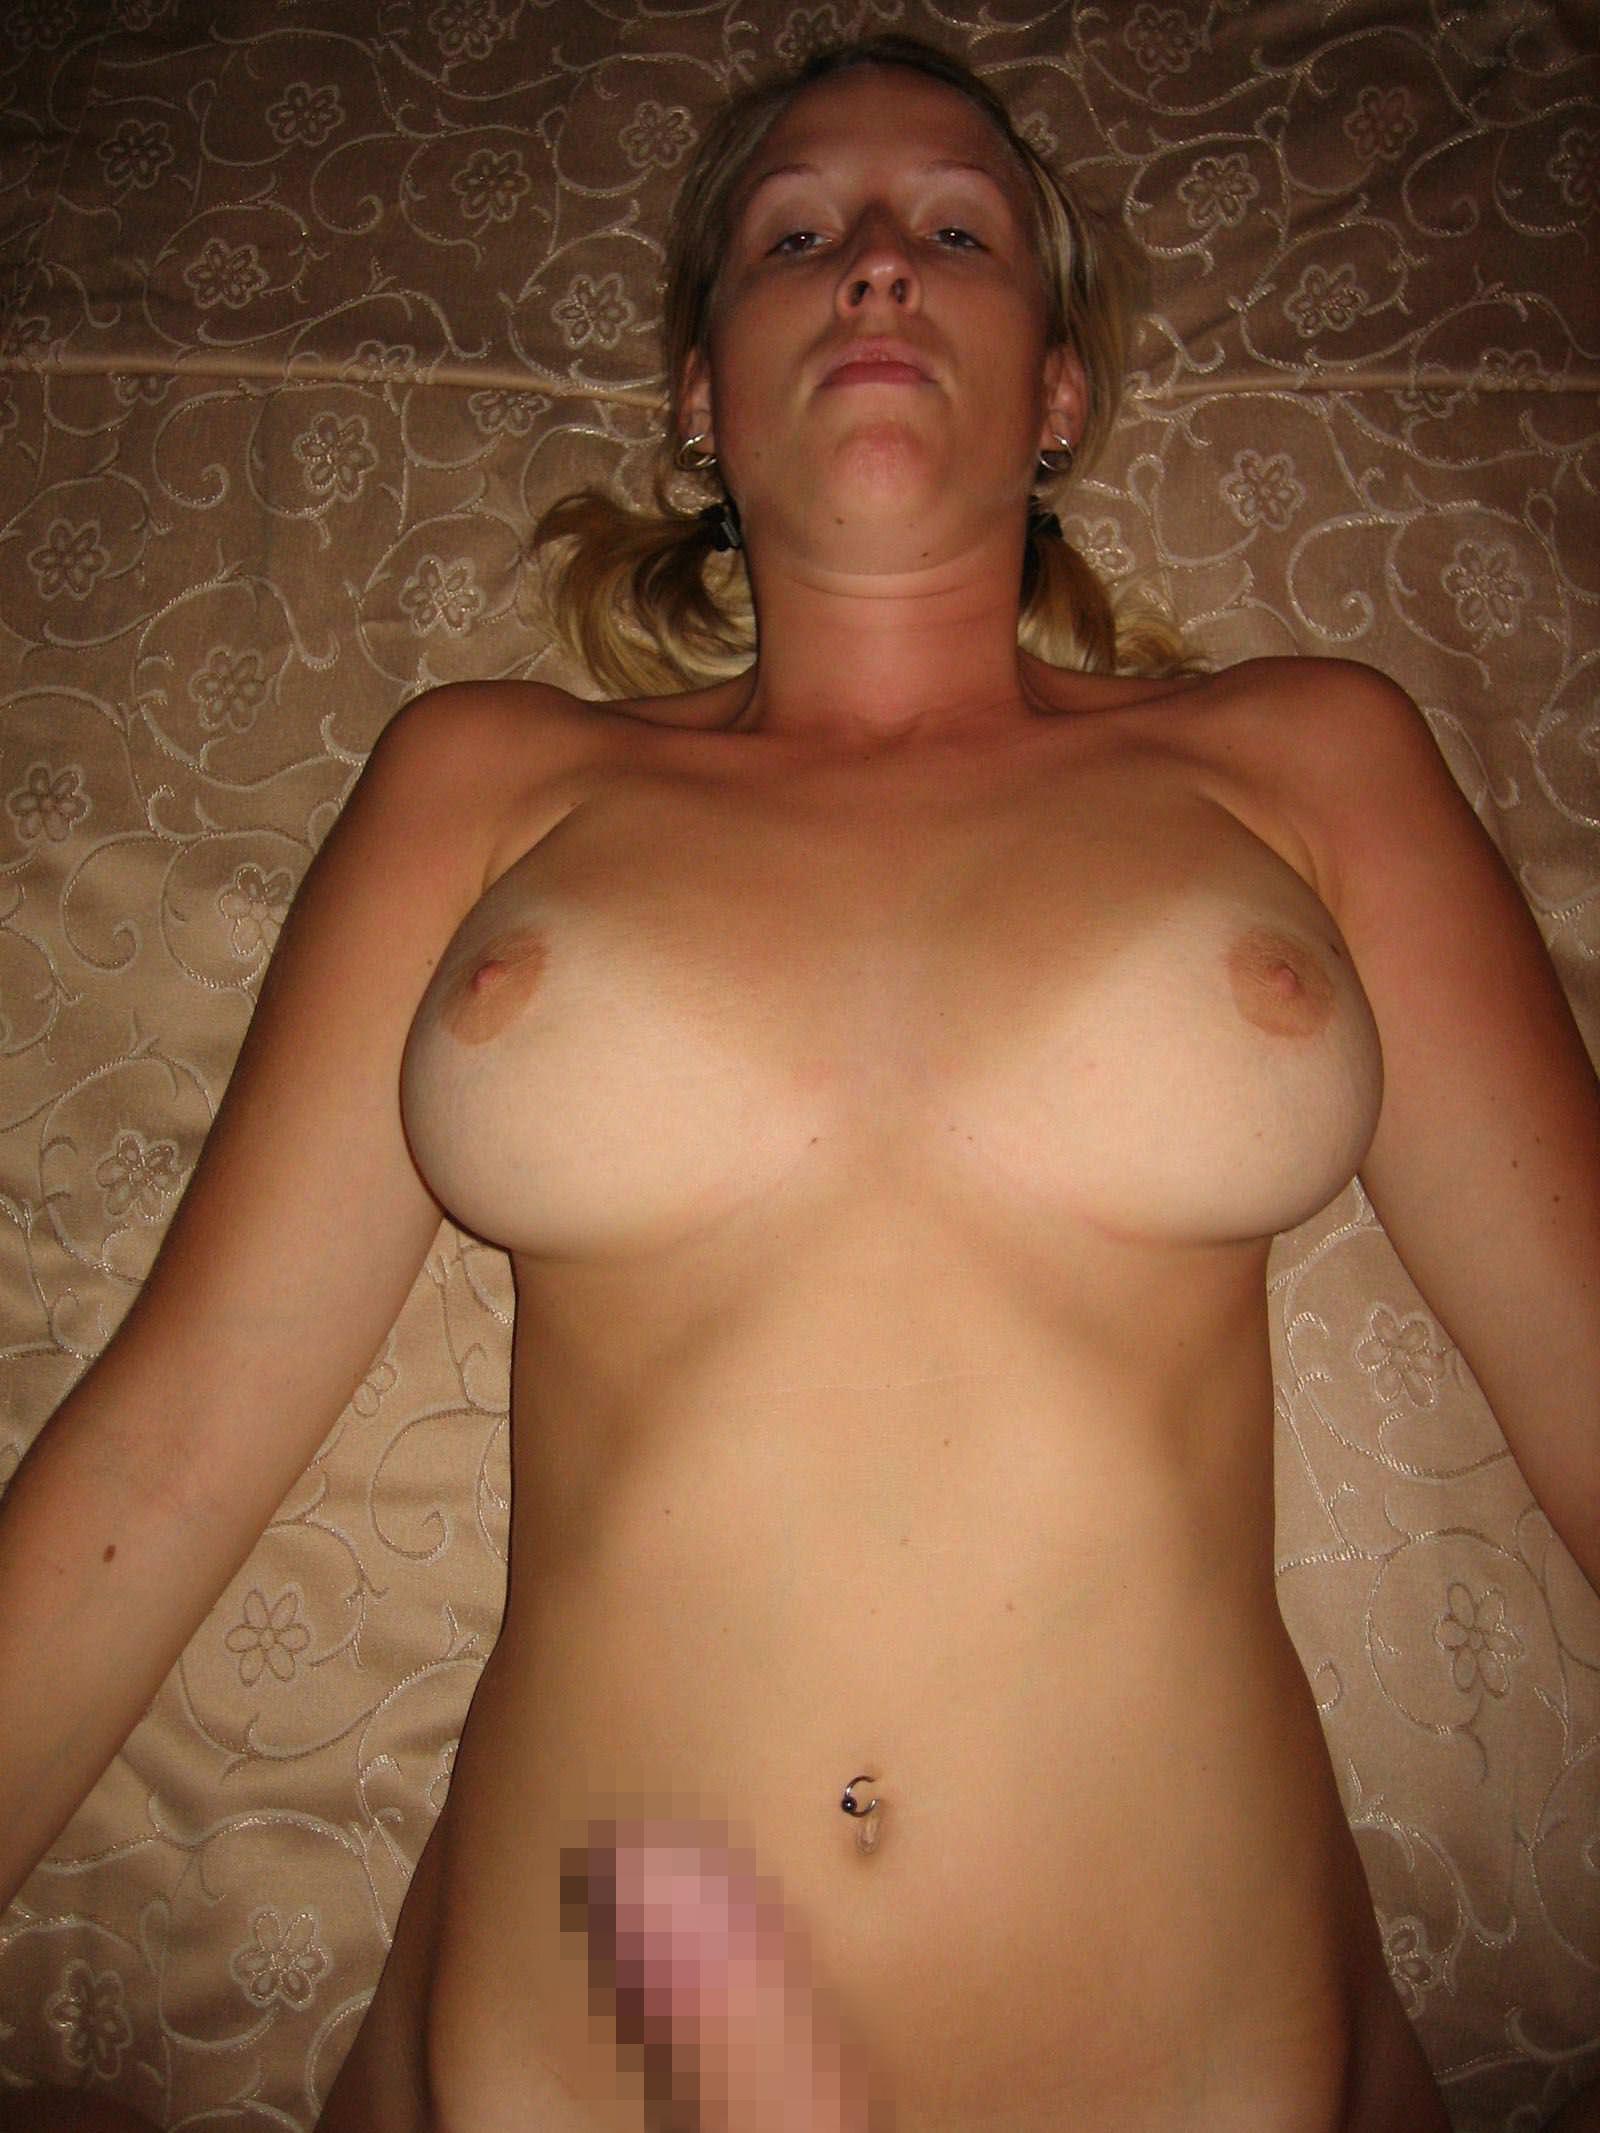 【外人】スウェーデンの金髪素人美女が彼氏とエッチして妊娠した姿を晒すポルノ画像 1408